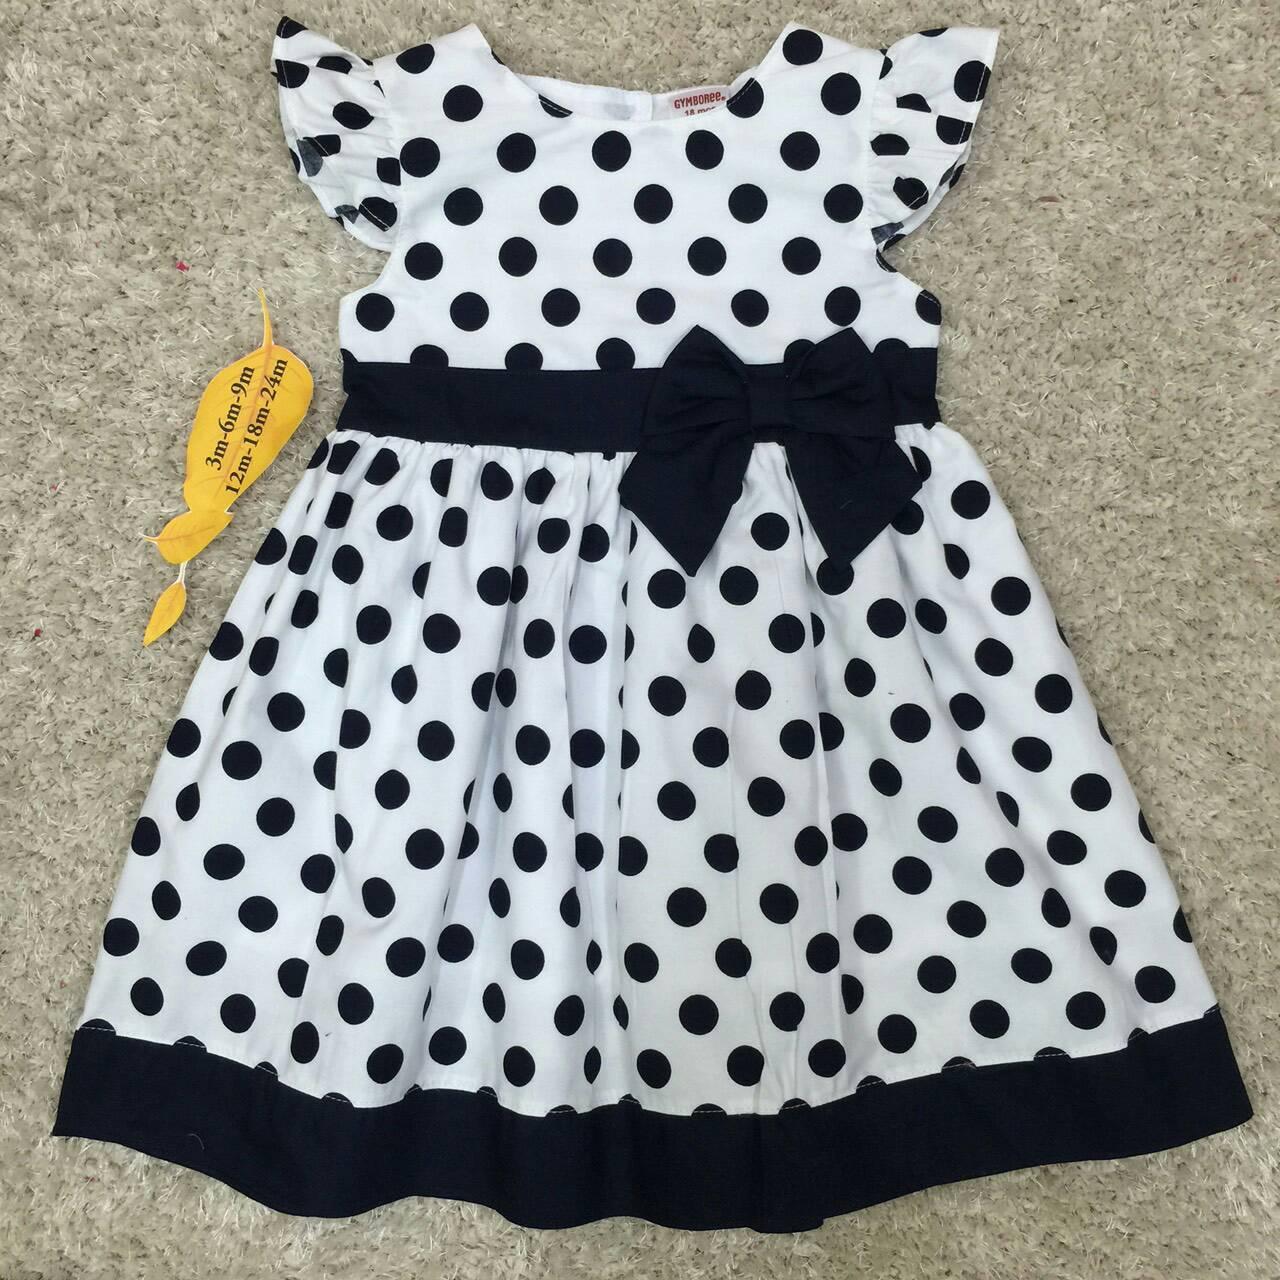 เสื้อผ้าเด็ก (พร้อมส่ง!!) 170460-28